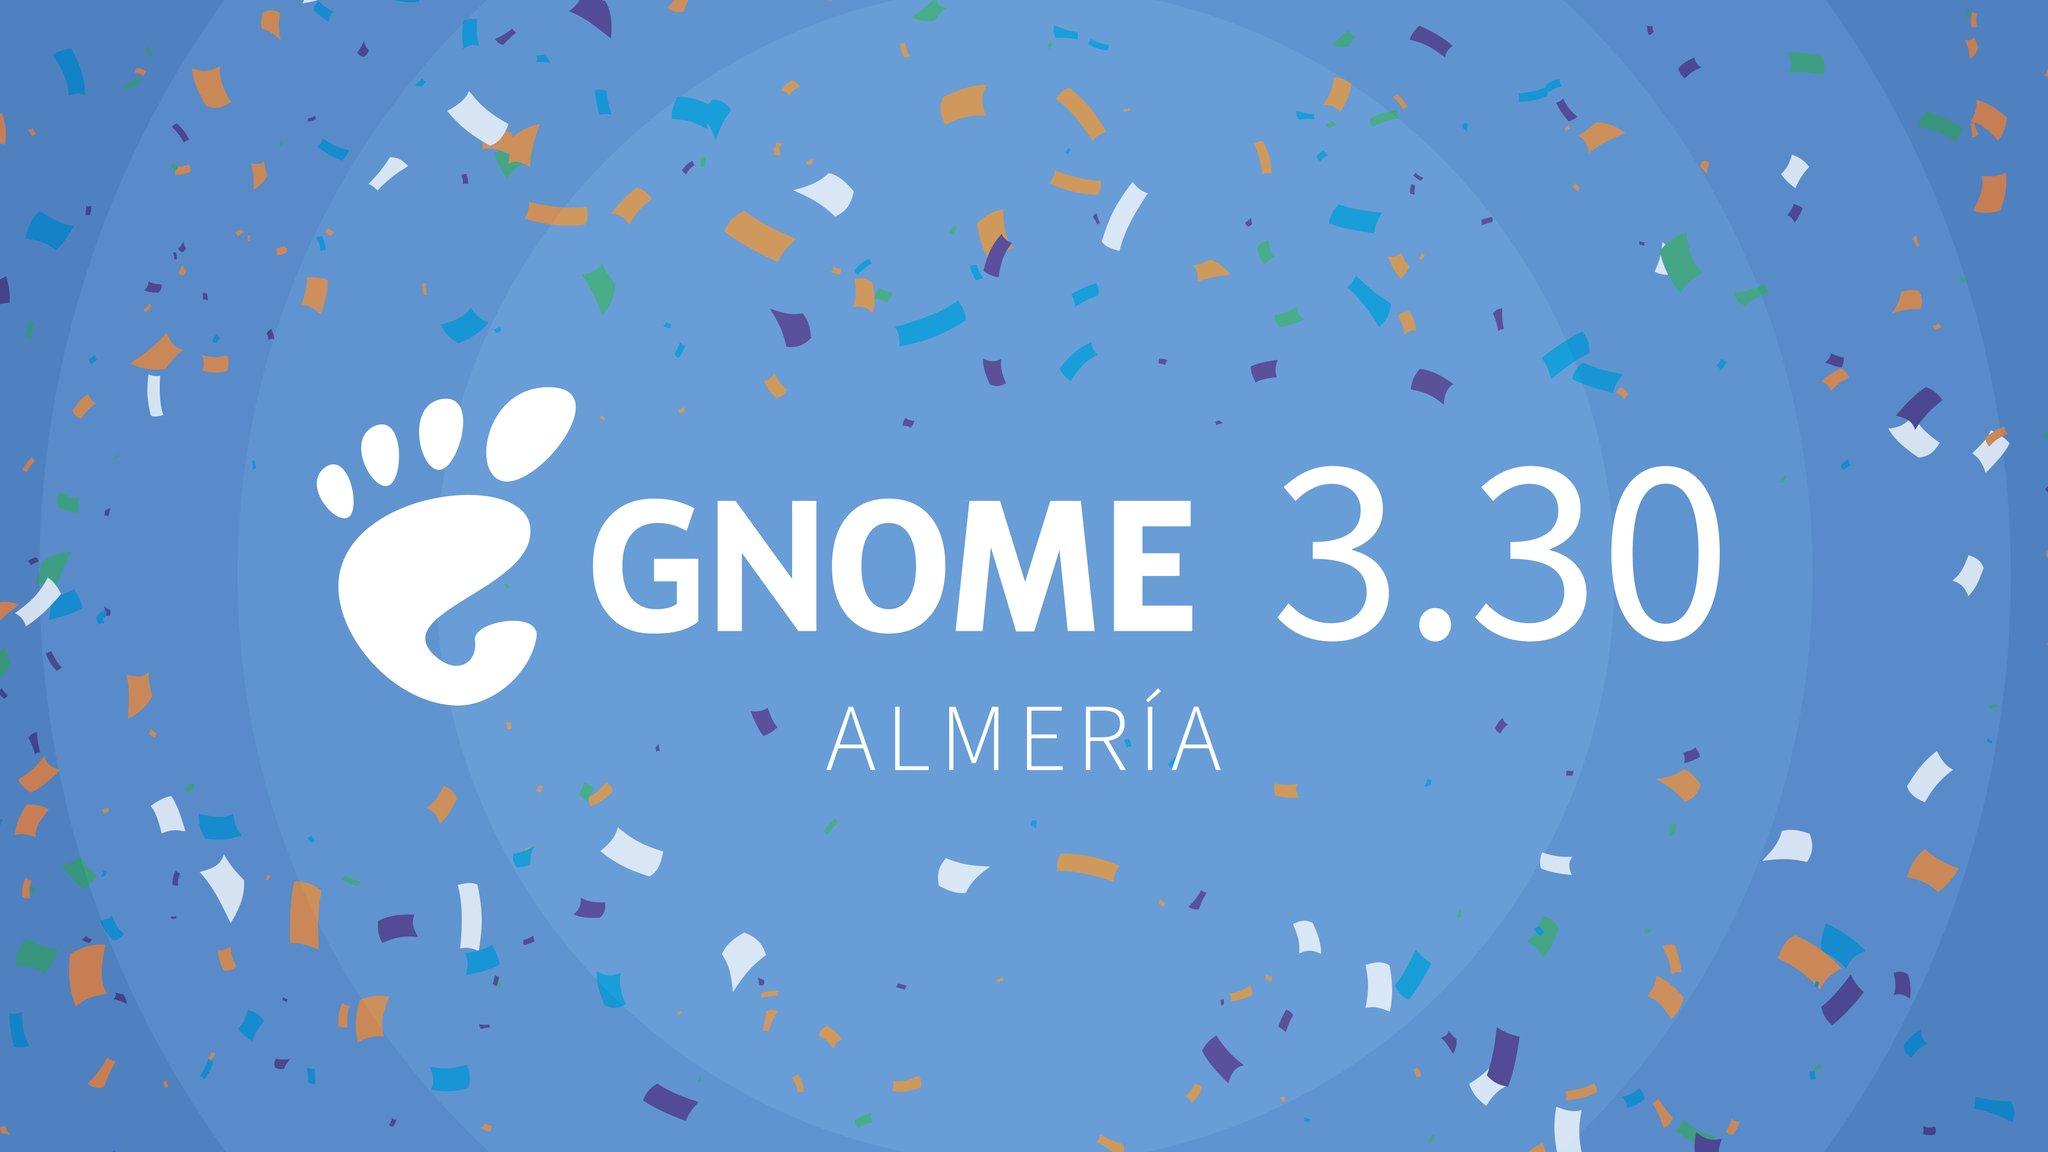 GNOME 3.30